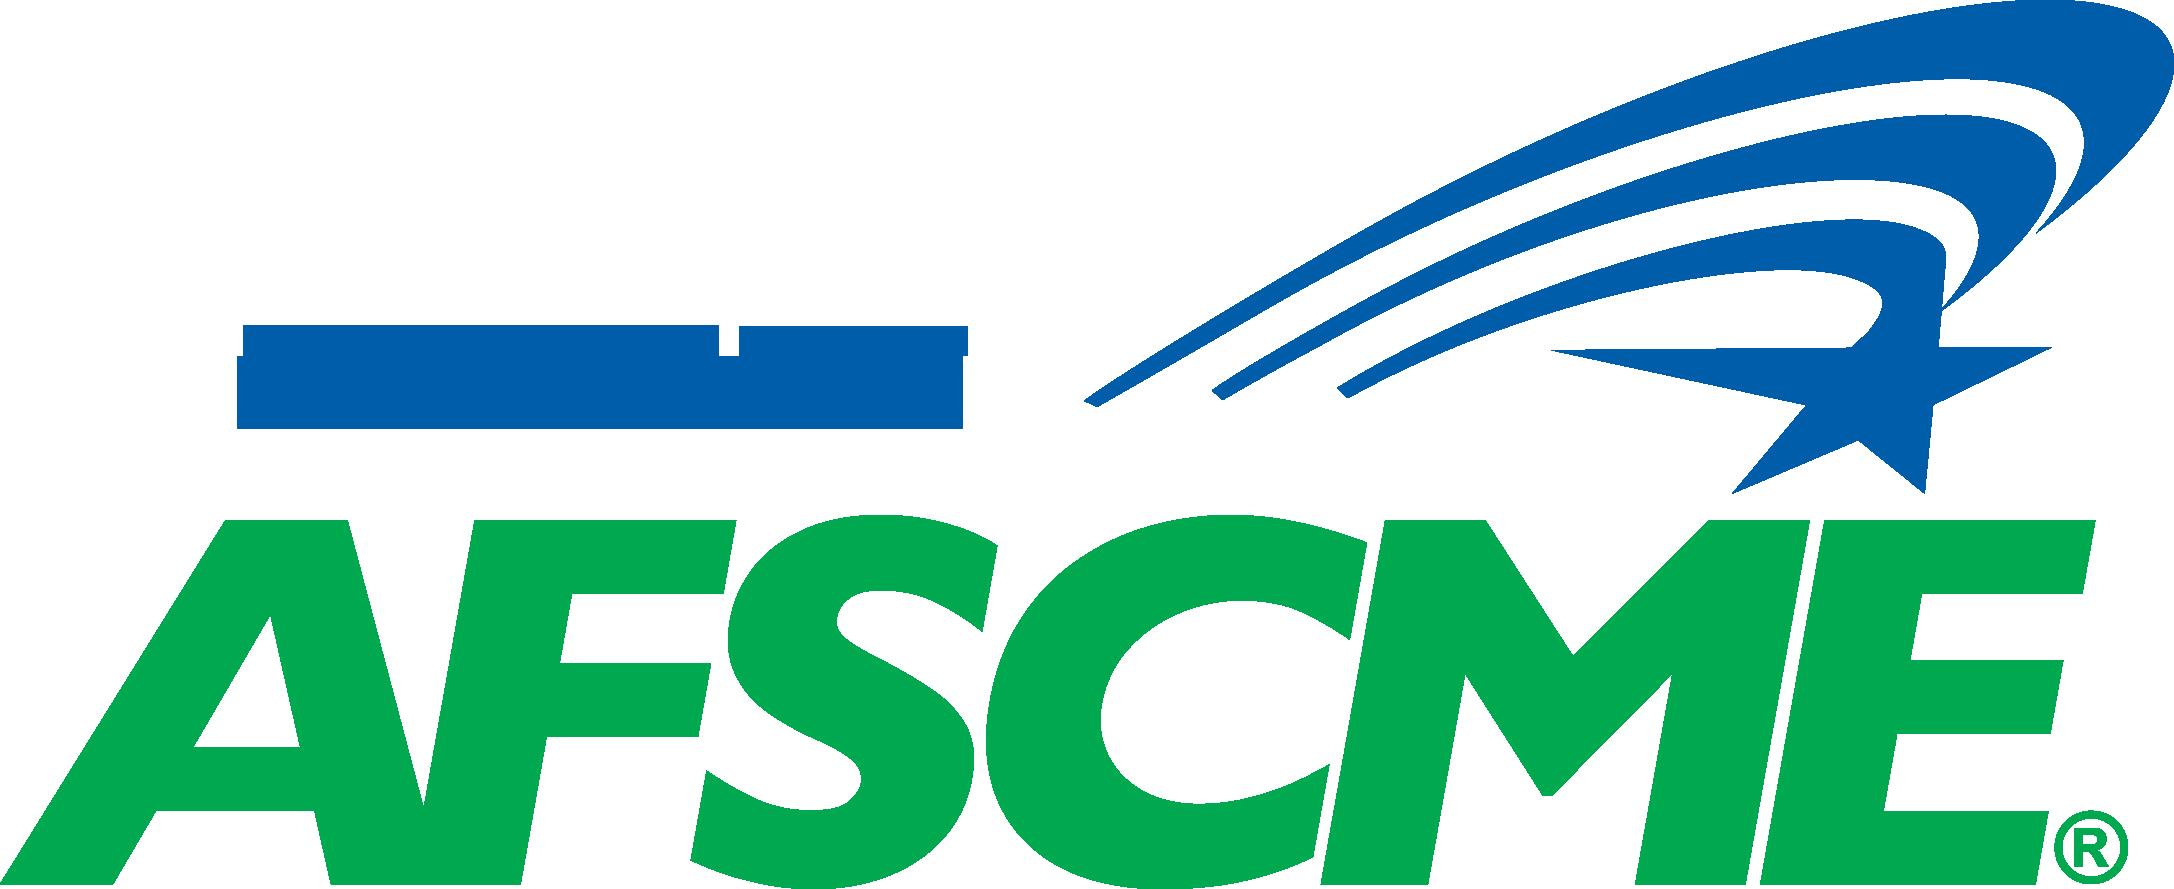 c61_afscme_logo-2color.png